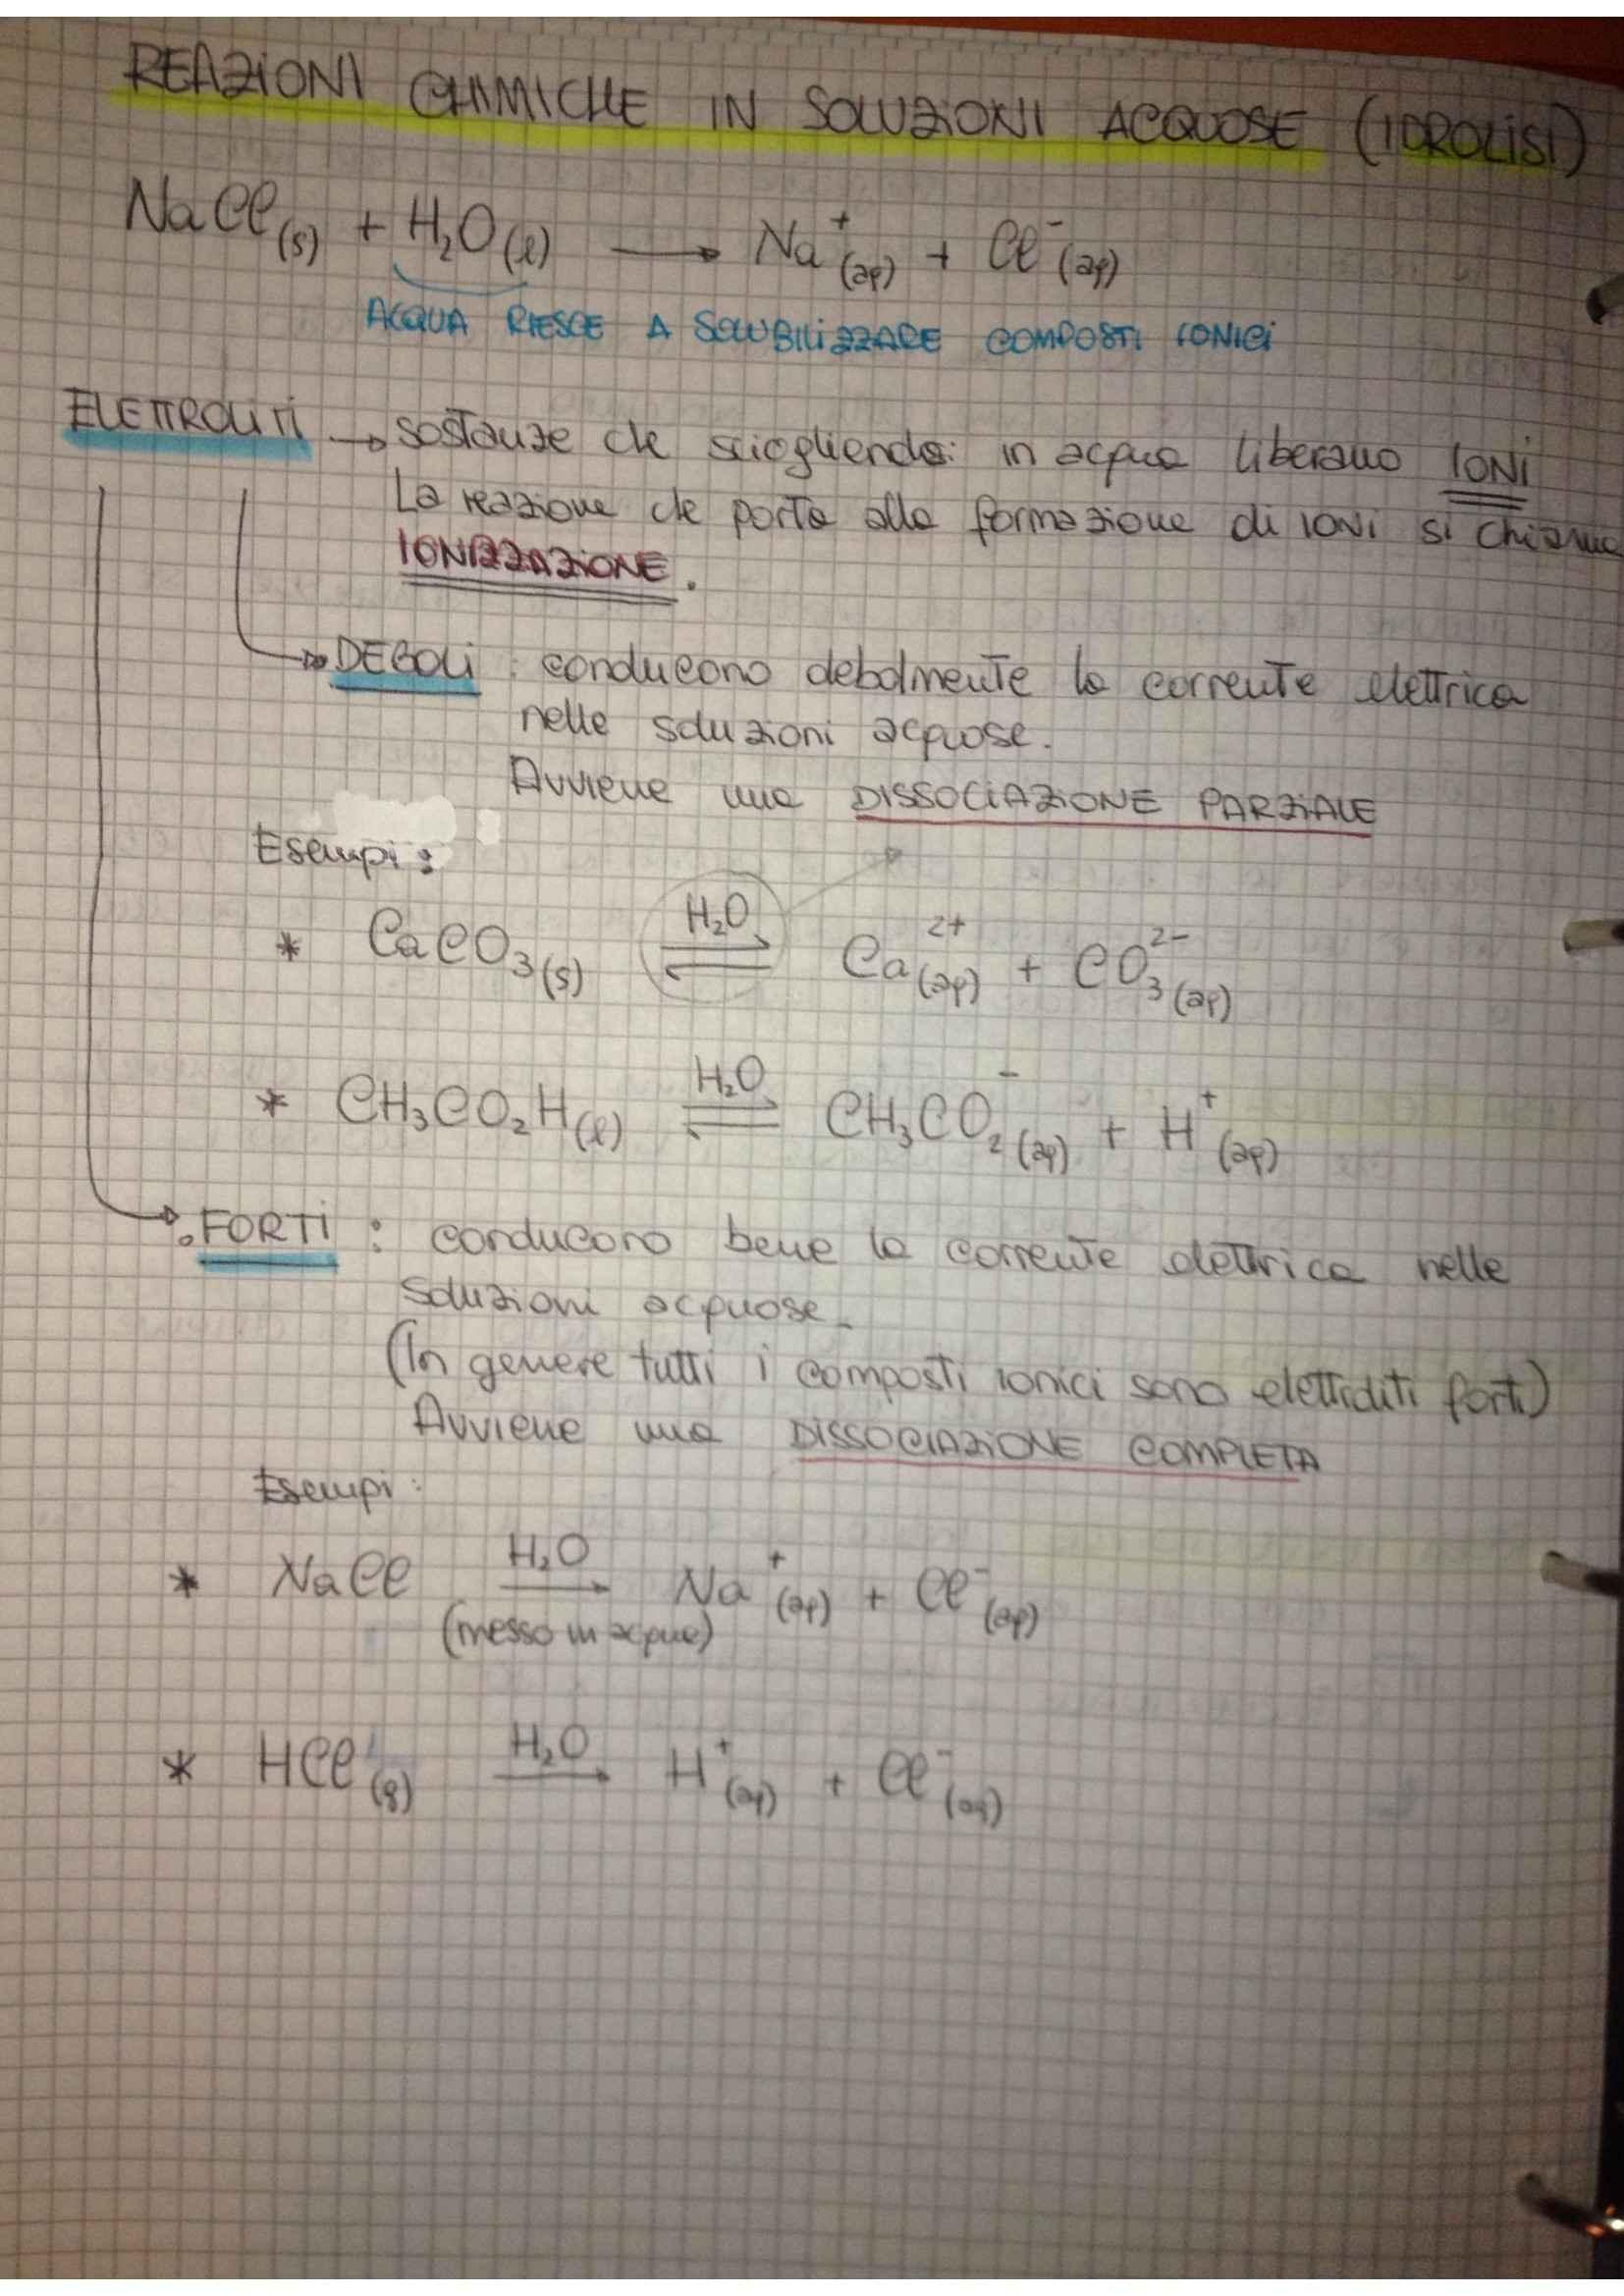 Fondamenti di chimica - reazioni chimiche e esercizi sulle ossidoriduzioni Pag. 6